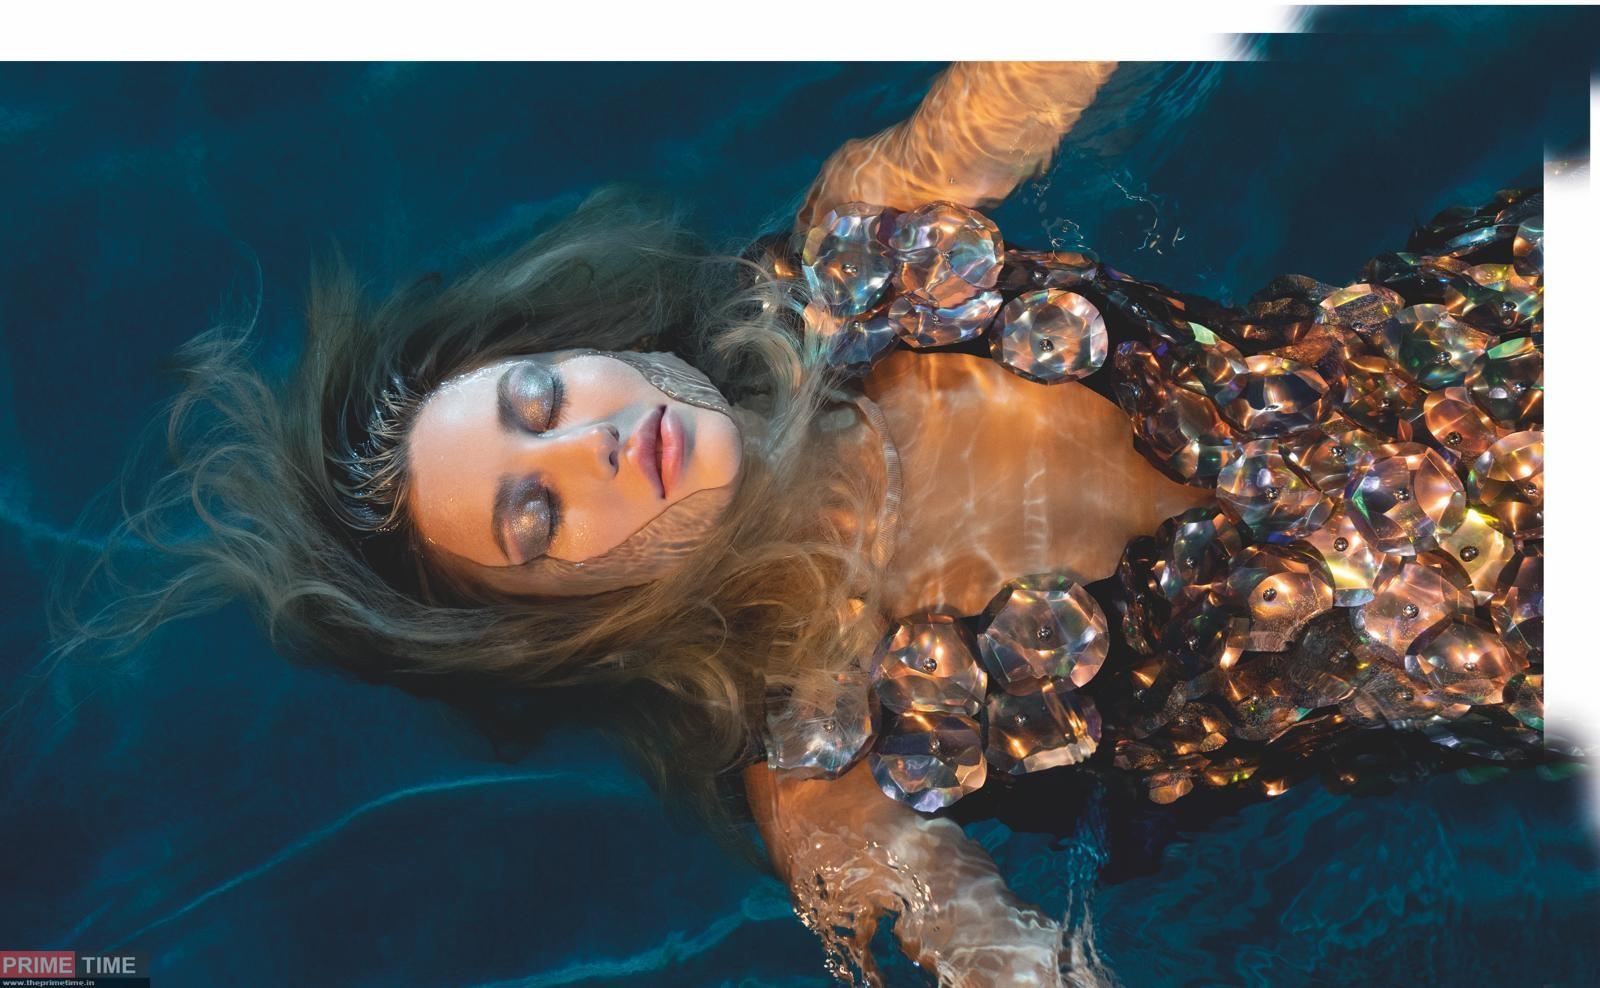 Model Stefanie Gurzanski